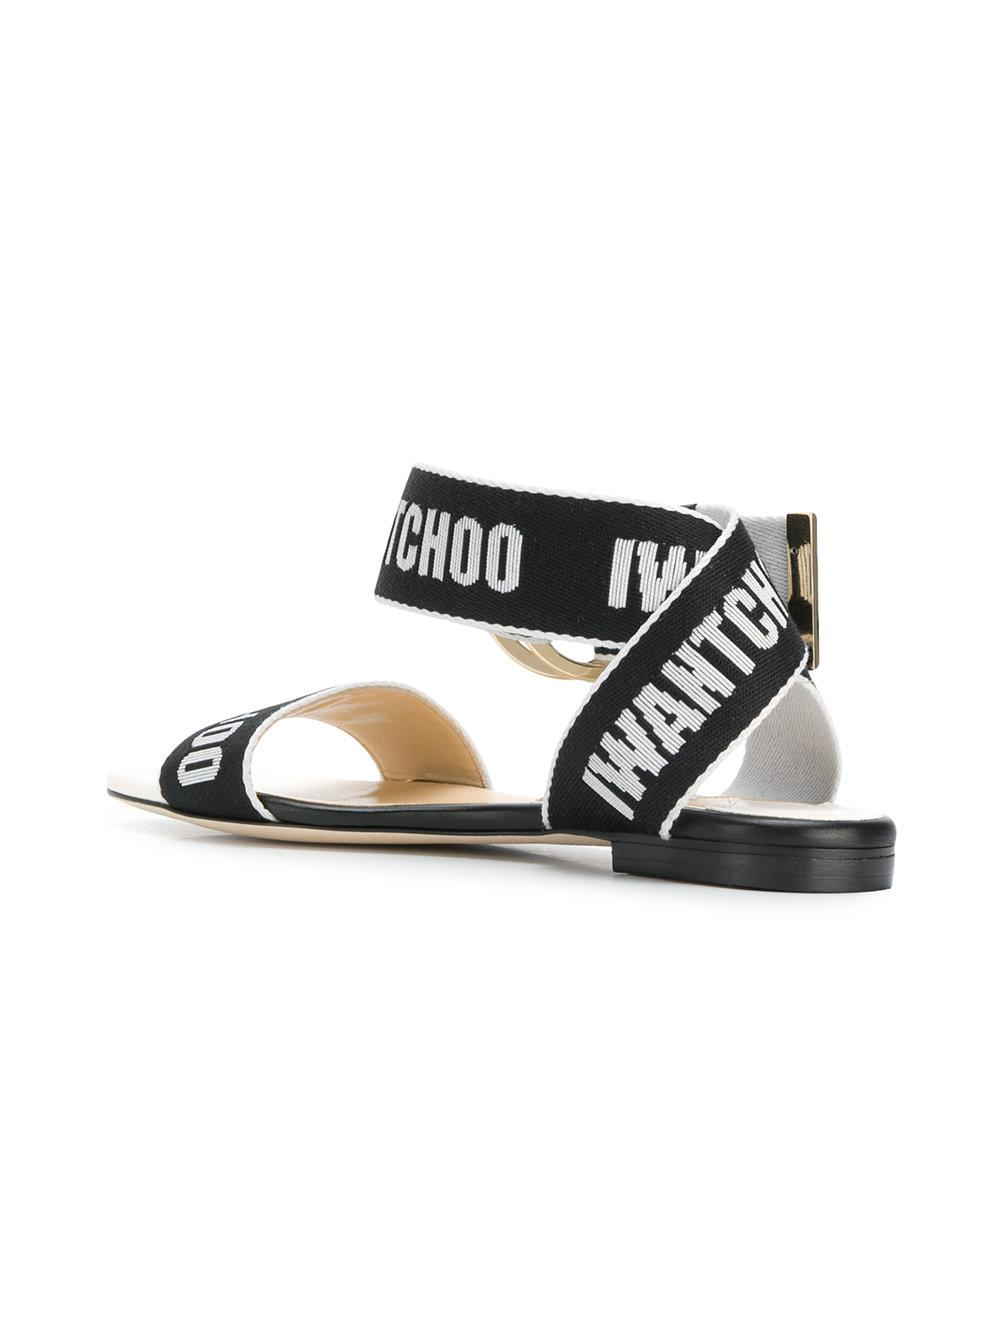 39b4a833d6ca Jimmy Choo - Black Breanne Flat Sandals - Lyst. View fullscreen